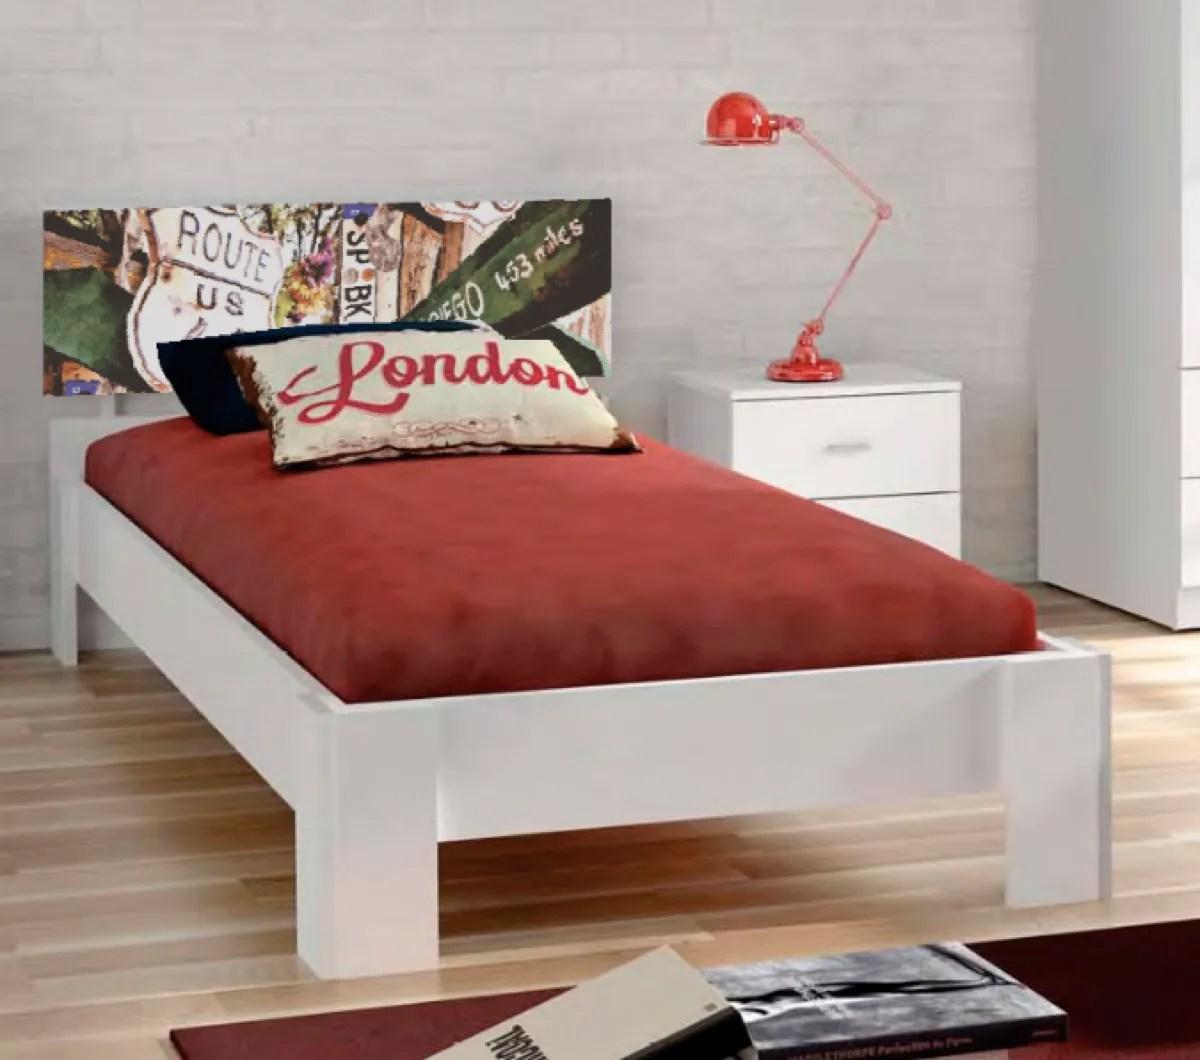 Comprar armarios baratos tienda de muebles baratos with for Donde conseguir muebles baratos